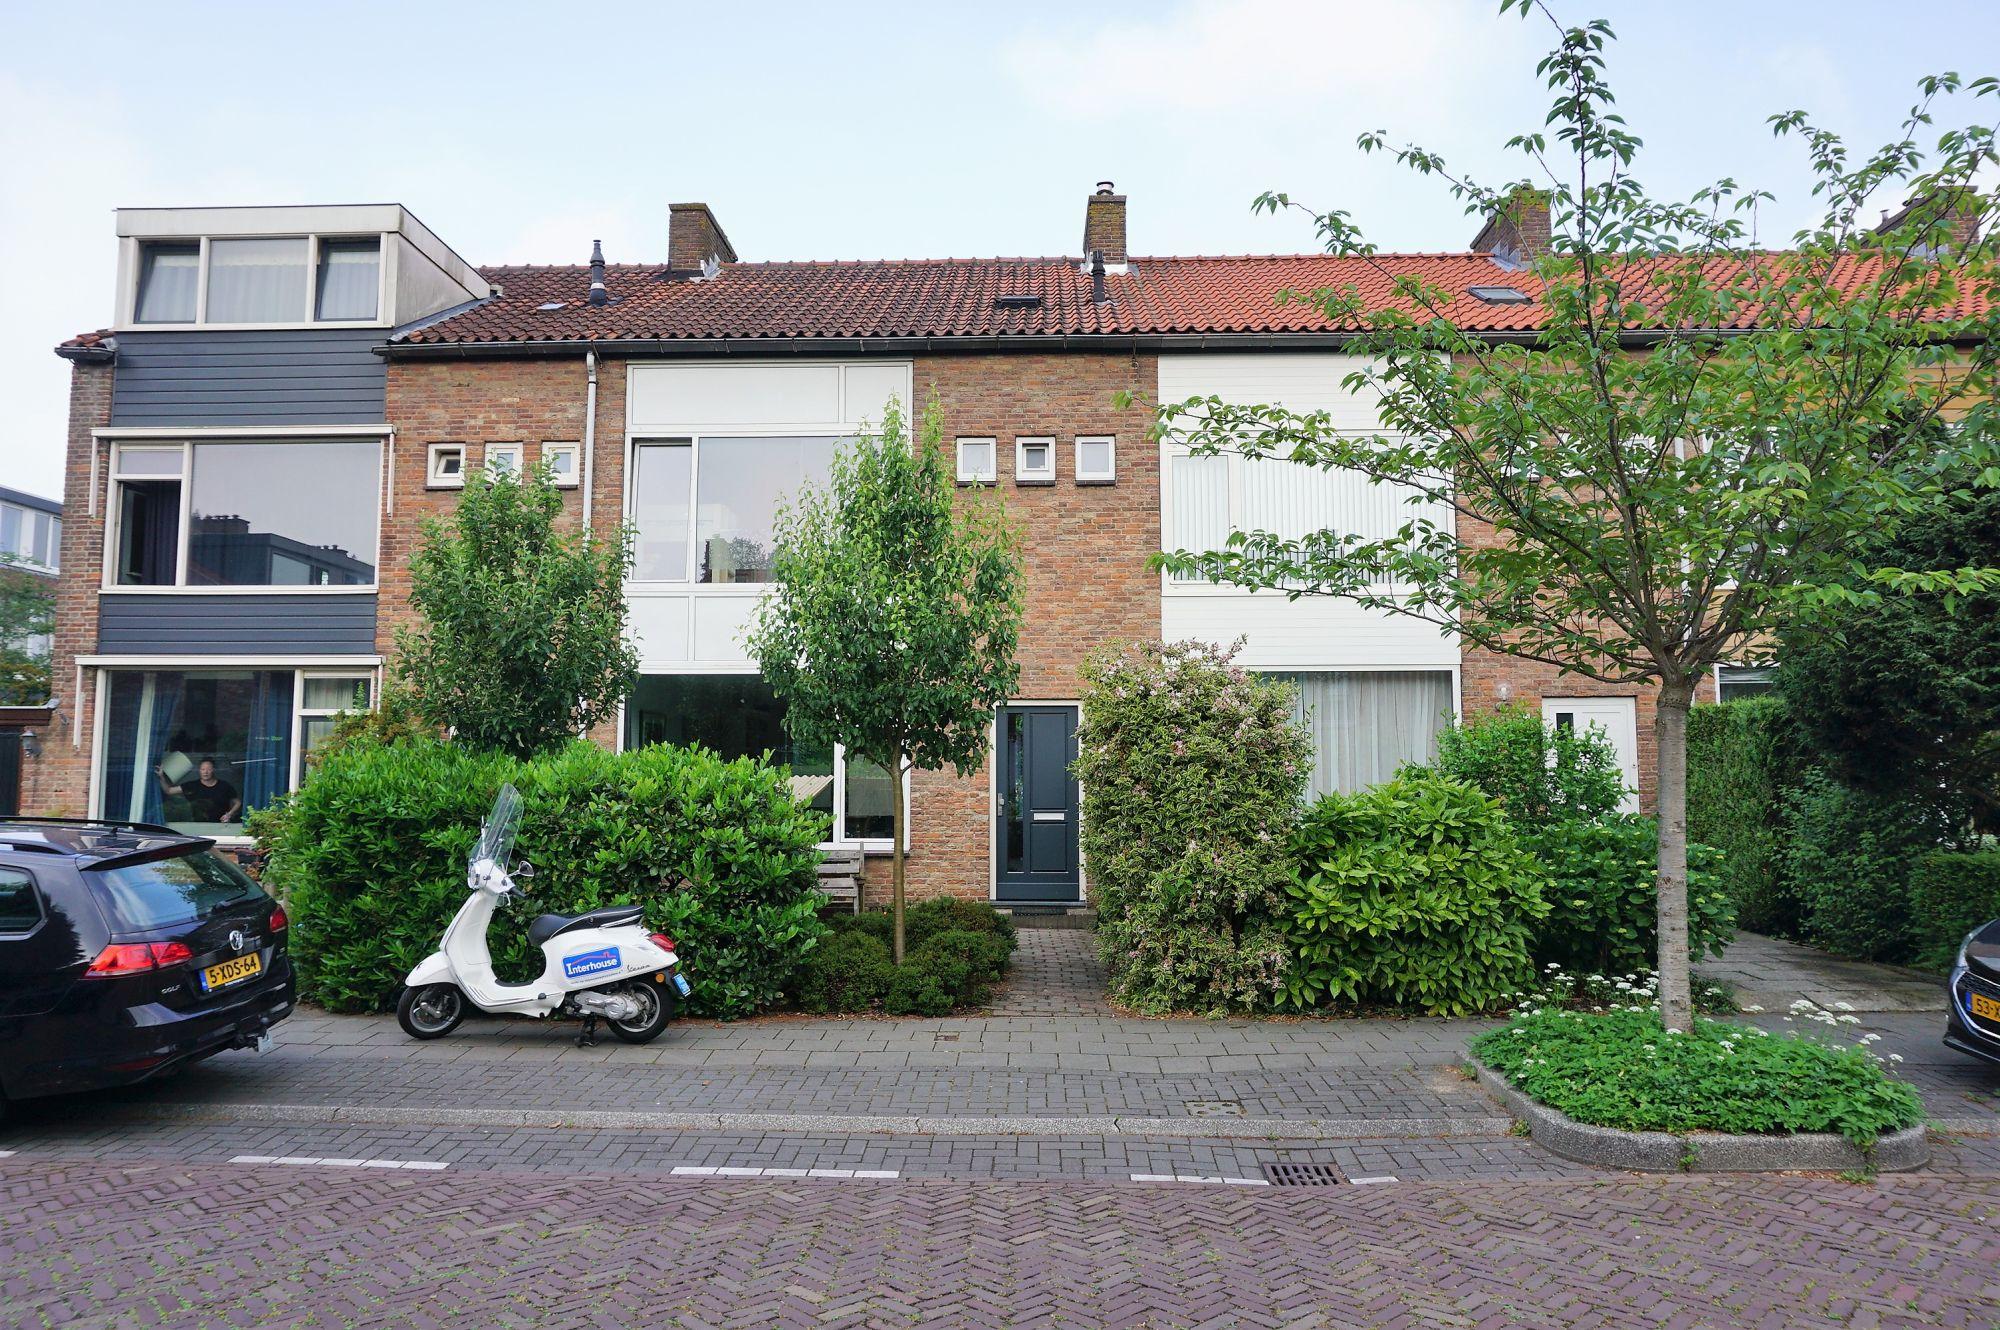 Ruys de Beerenbroucklaan, Amstelveen